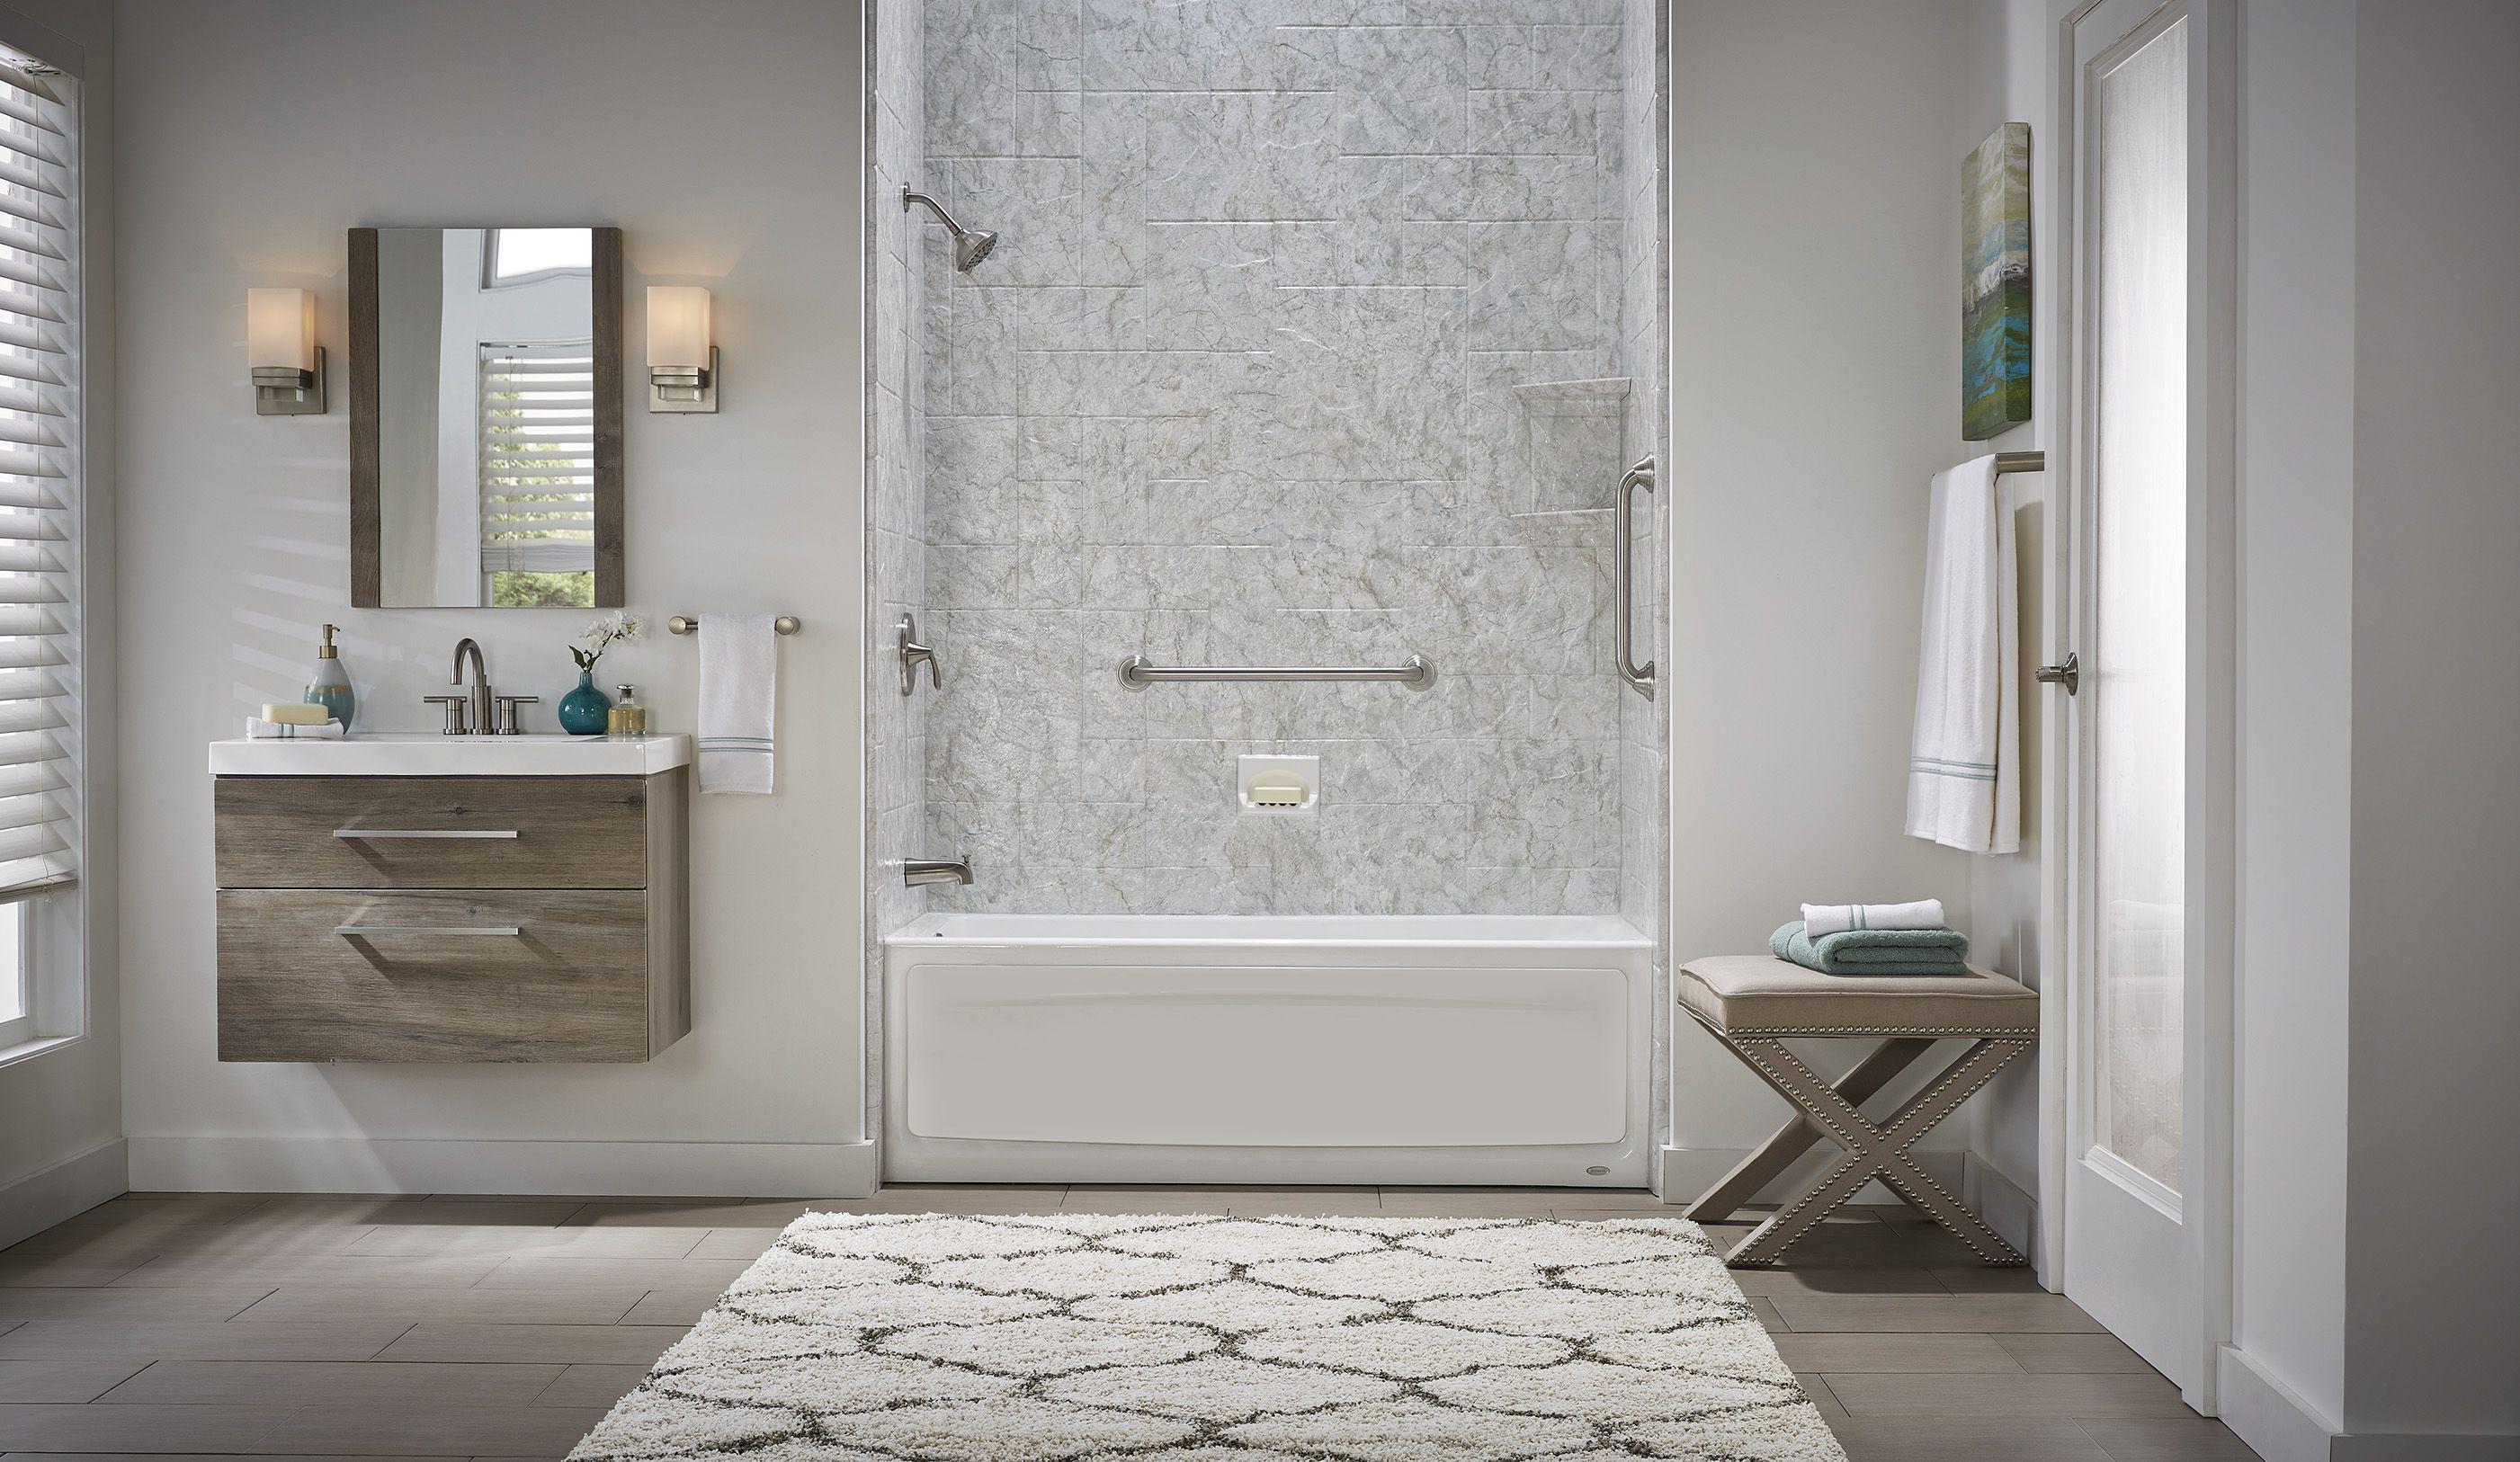 Bathroom Remodeling Colorado Bathrooms Remodel Custom Bathroom Designs Tub To Shower Conversion